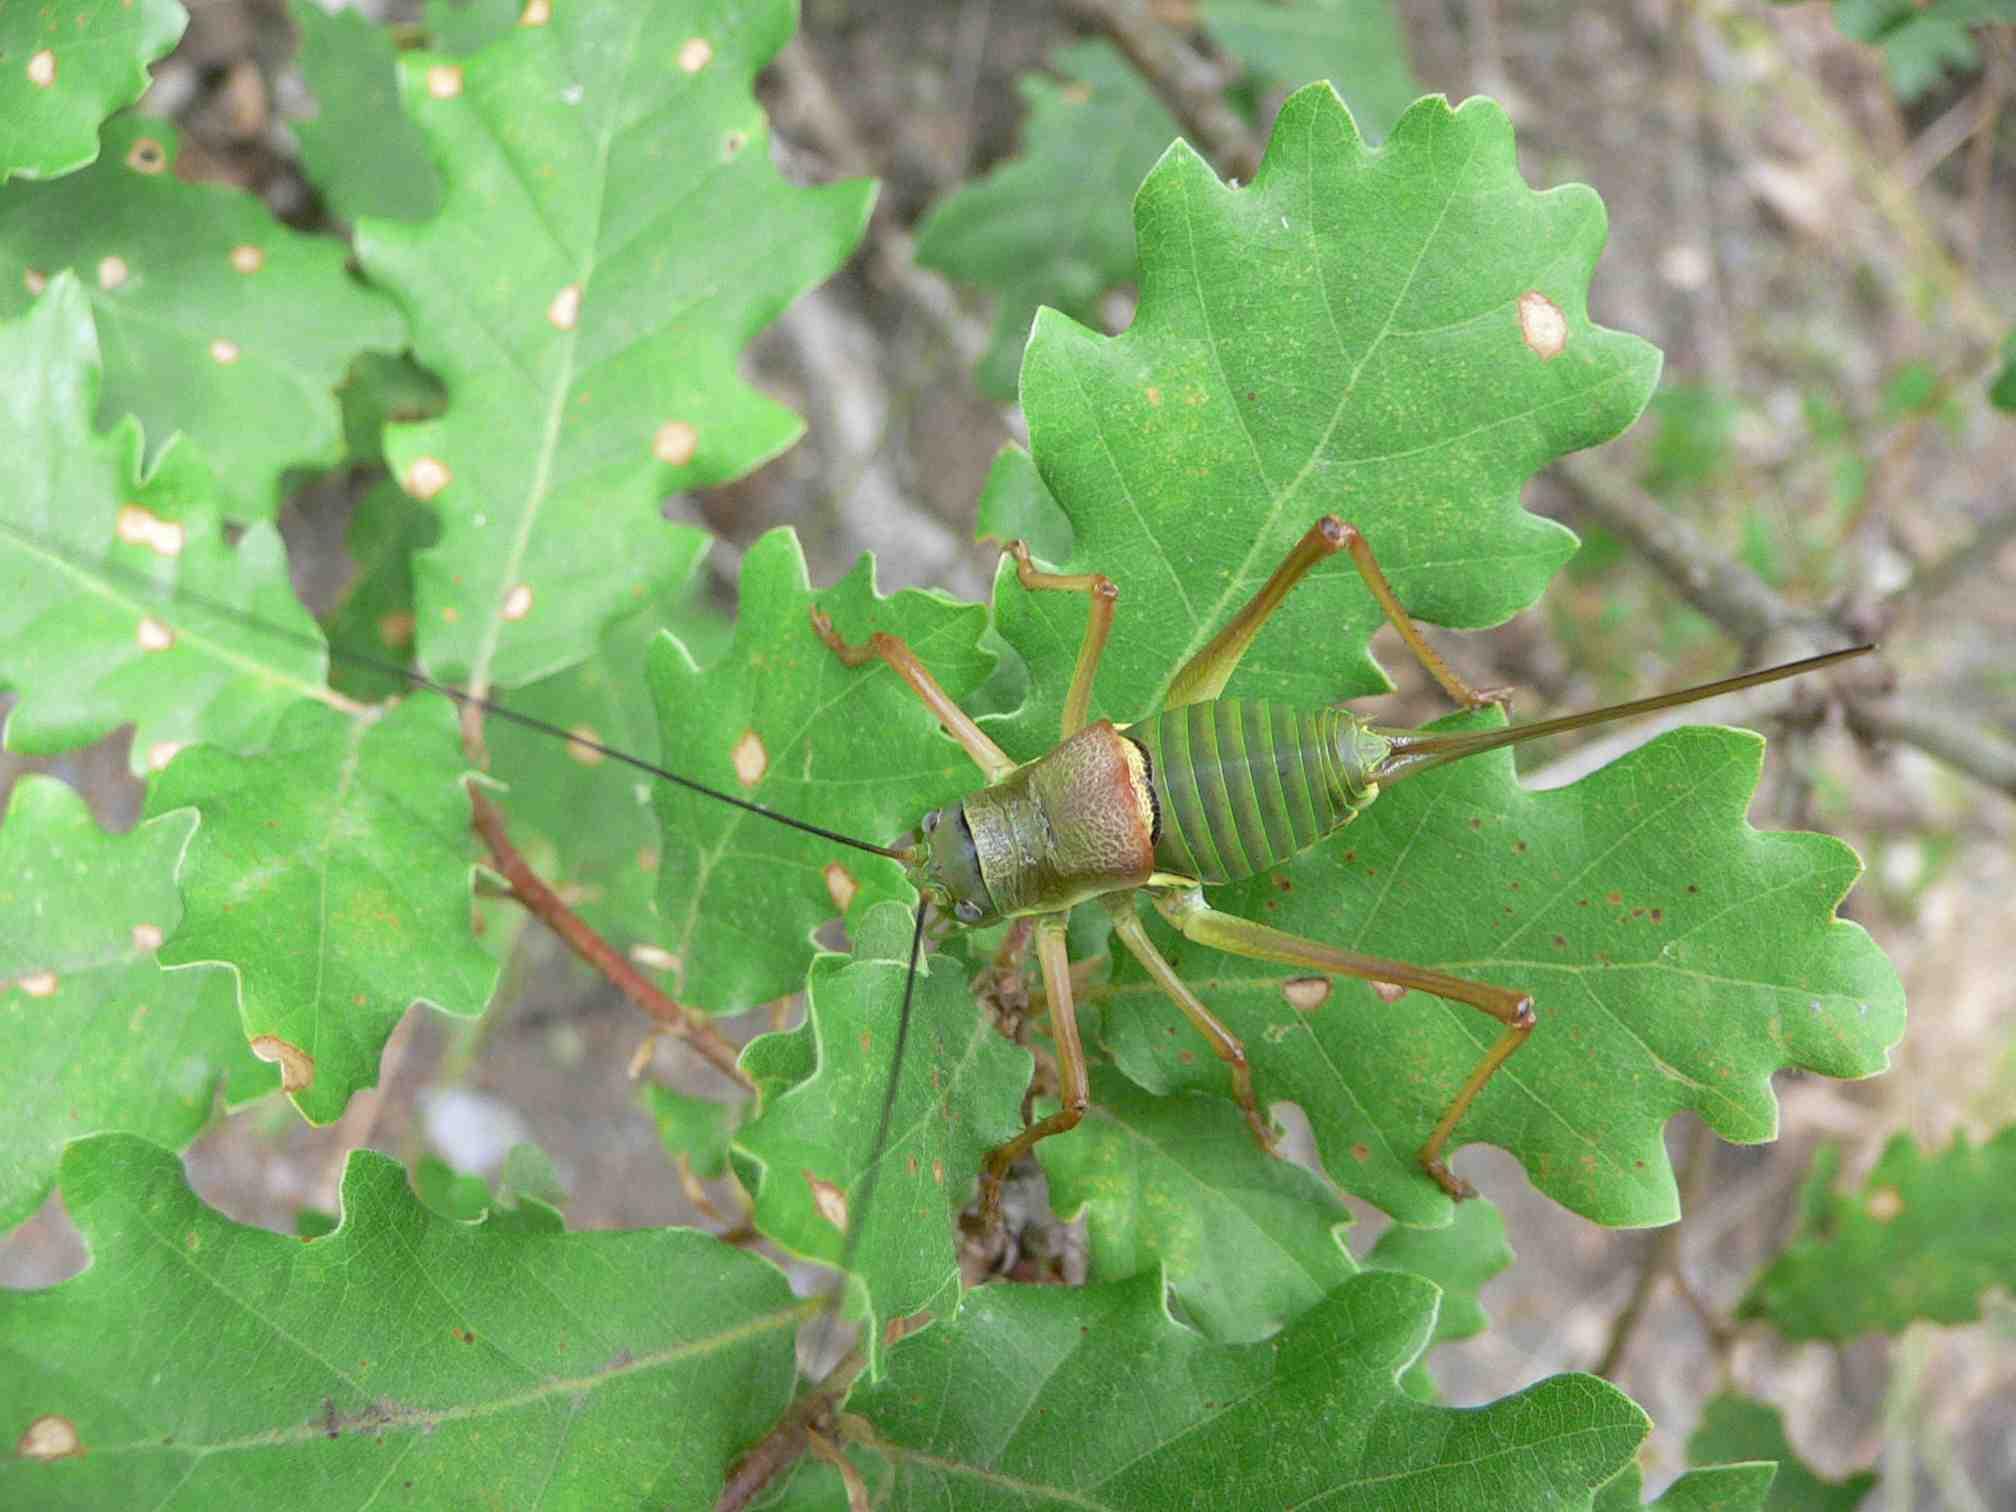 Un insecte volant animal vert br g n ralement ail dont - Insecte vert volant ...